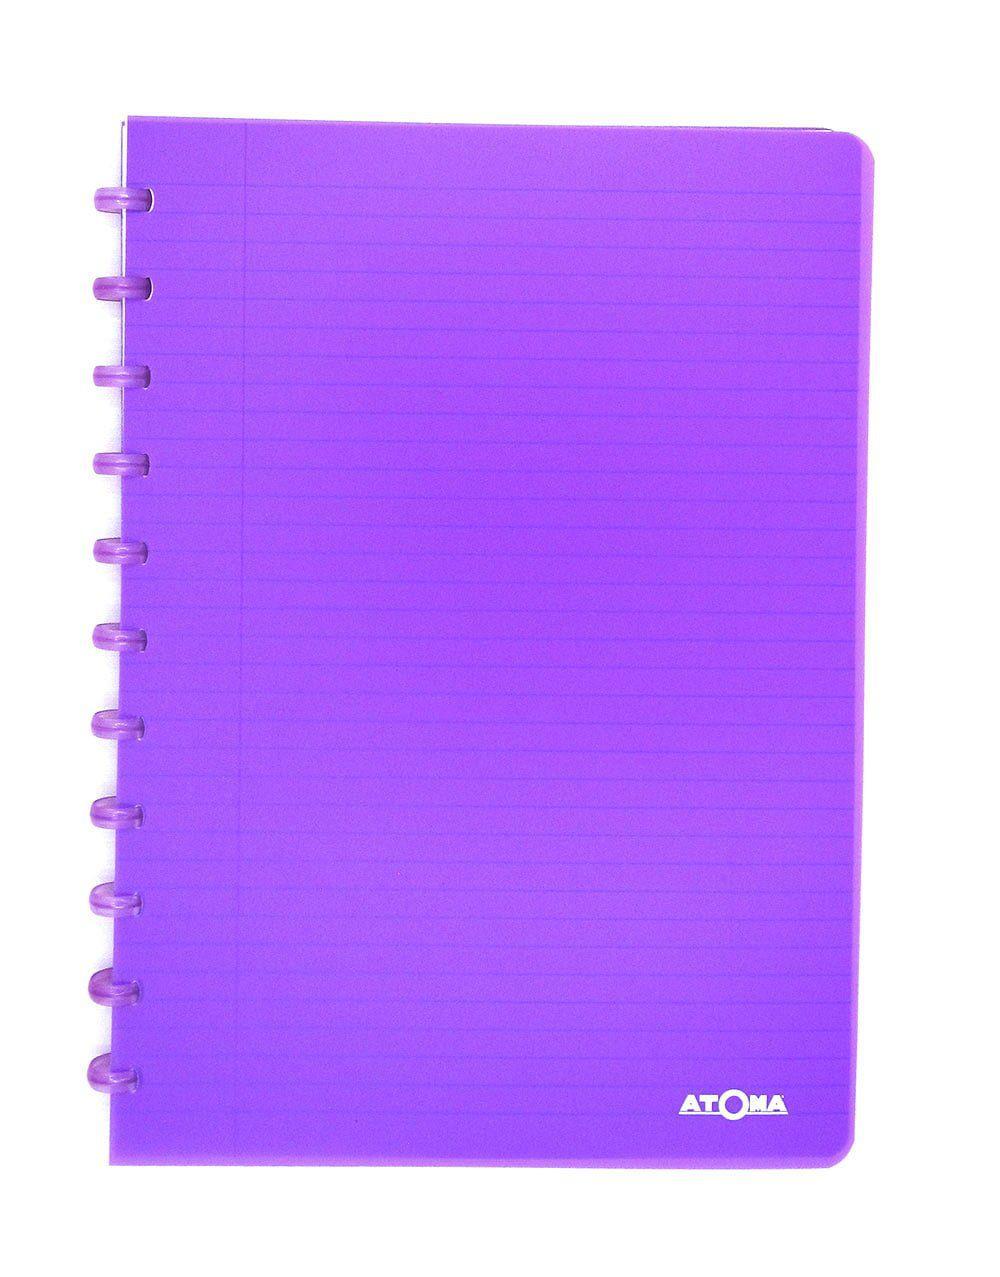 Caderno A4 72 fls roxo TRANSPARENTE Atoma